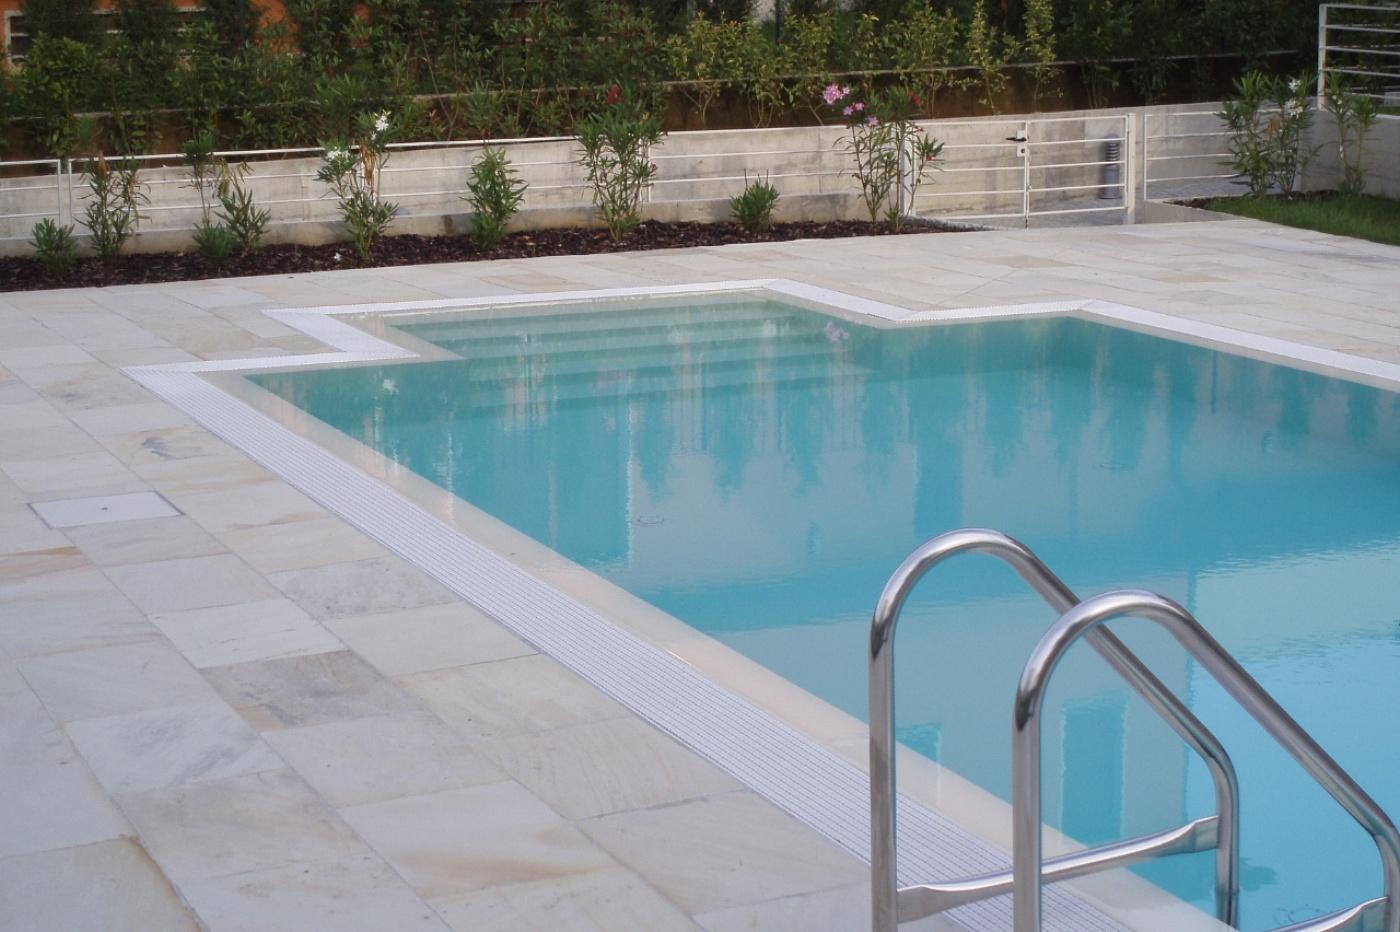 Picaprede di darkin maffi piscine - Piastrelle bordo piscina ...